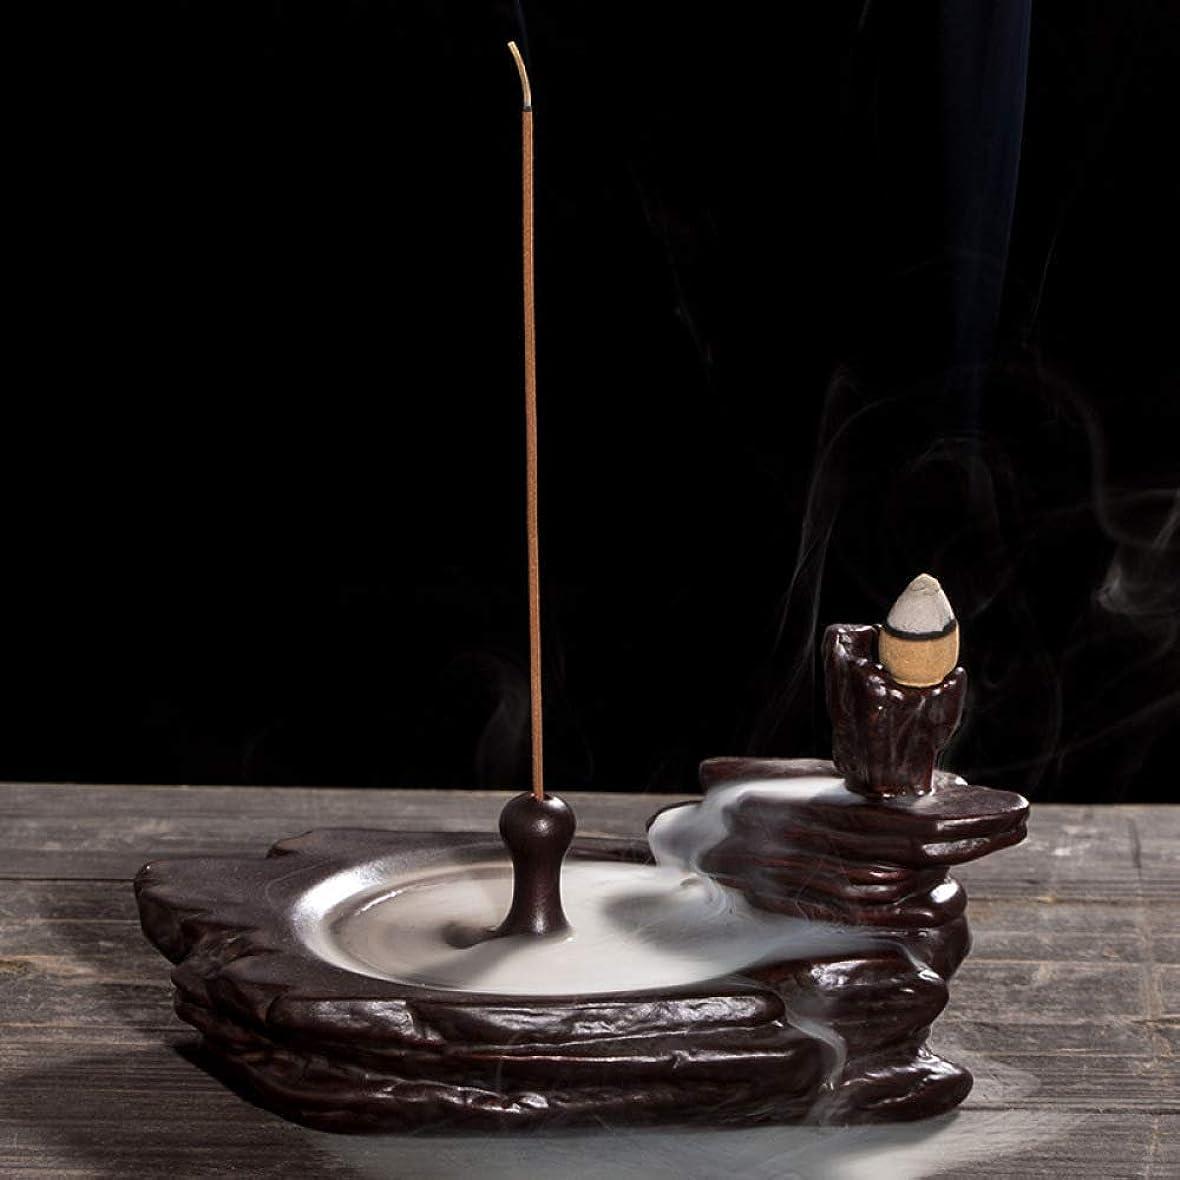 機関車ボックス所属リフロー香炉ホームオフィス装飾香スティックフレーム還流香炉16.5 * 9 cmに適したセラミック香炉ブラケット